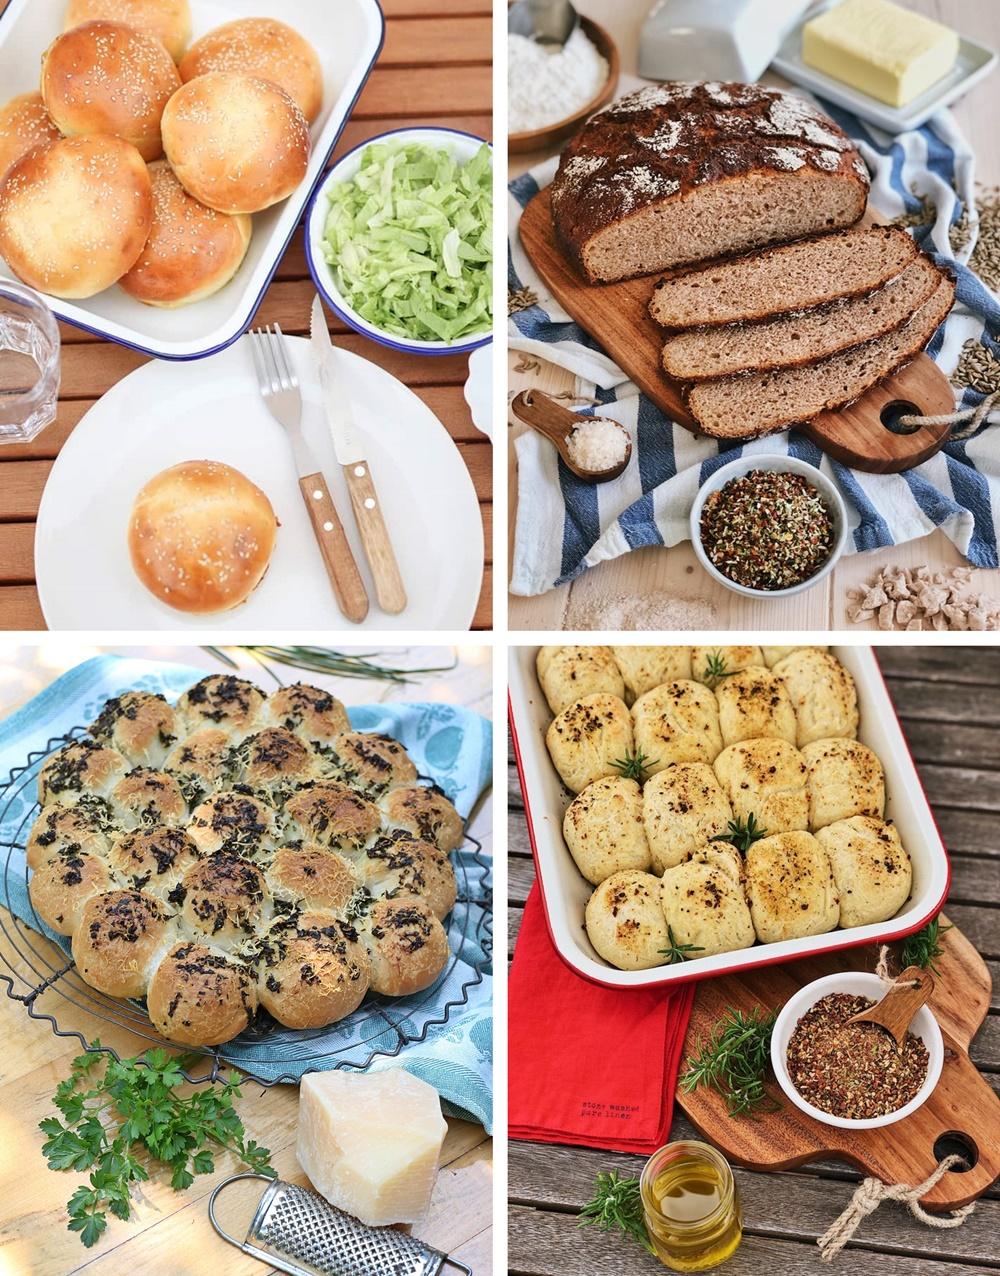 Die besten Brote, Salate, Snacks & Drinks für die Grillsaison brot baguette brötchen brötcheblume kräuterfaltenbrot zupfbrot